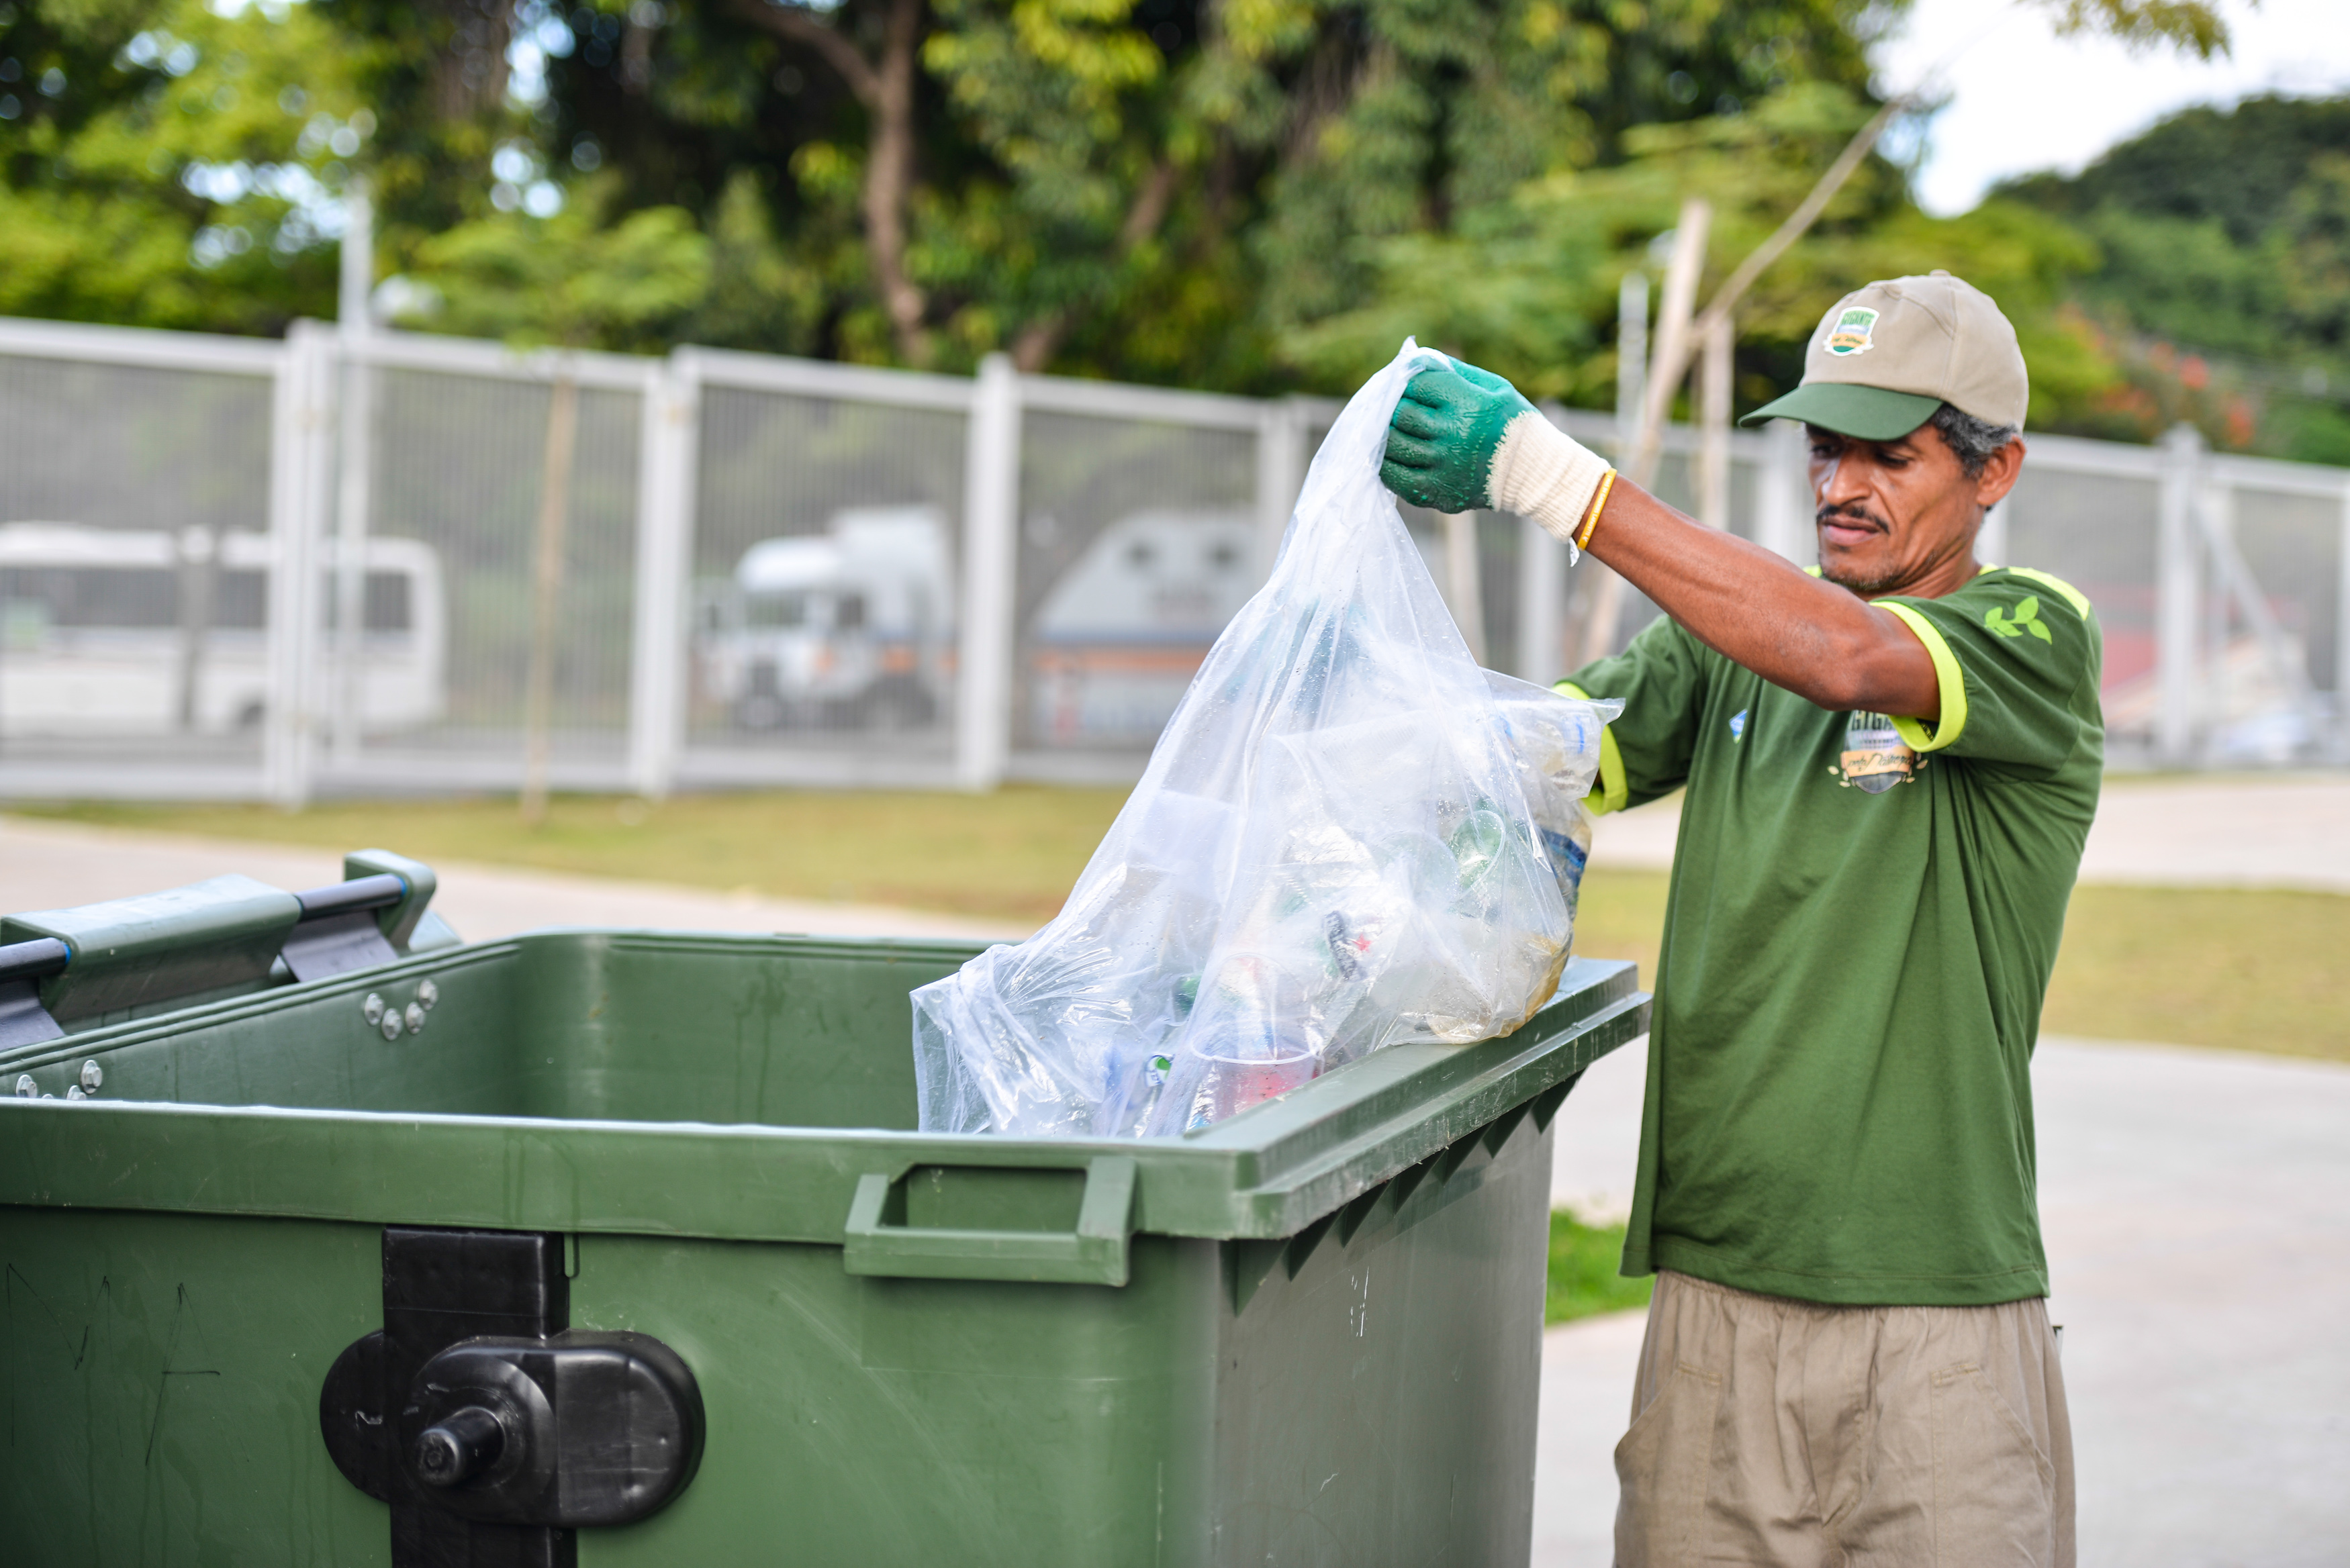 Mineirão destina corretamente mais de 93 toneladas de lixo gerados no estádio